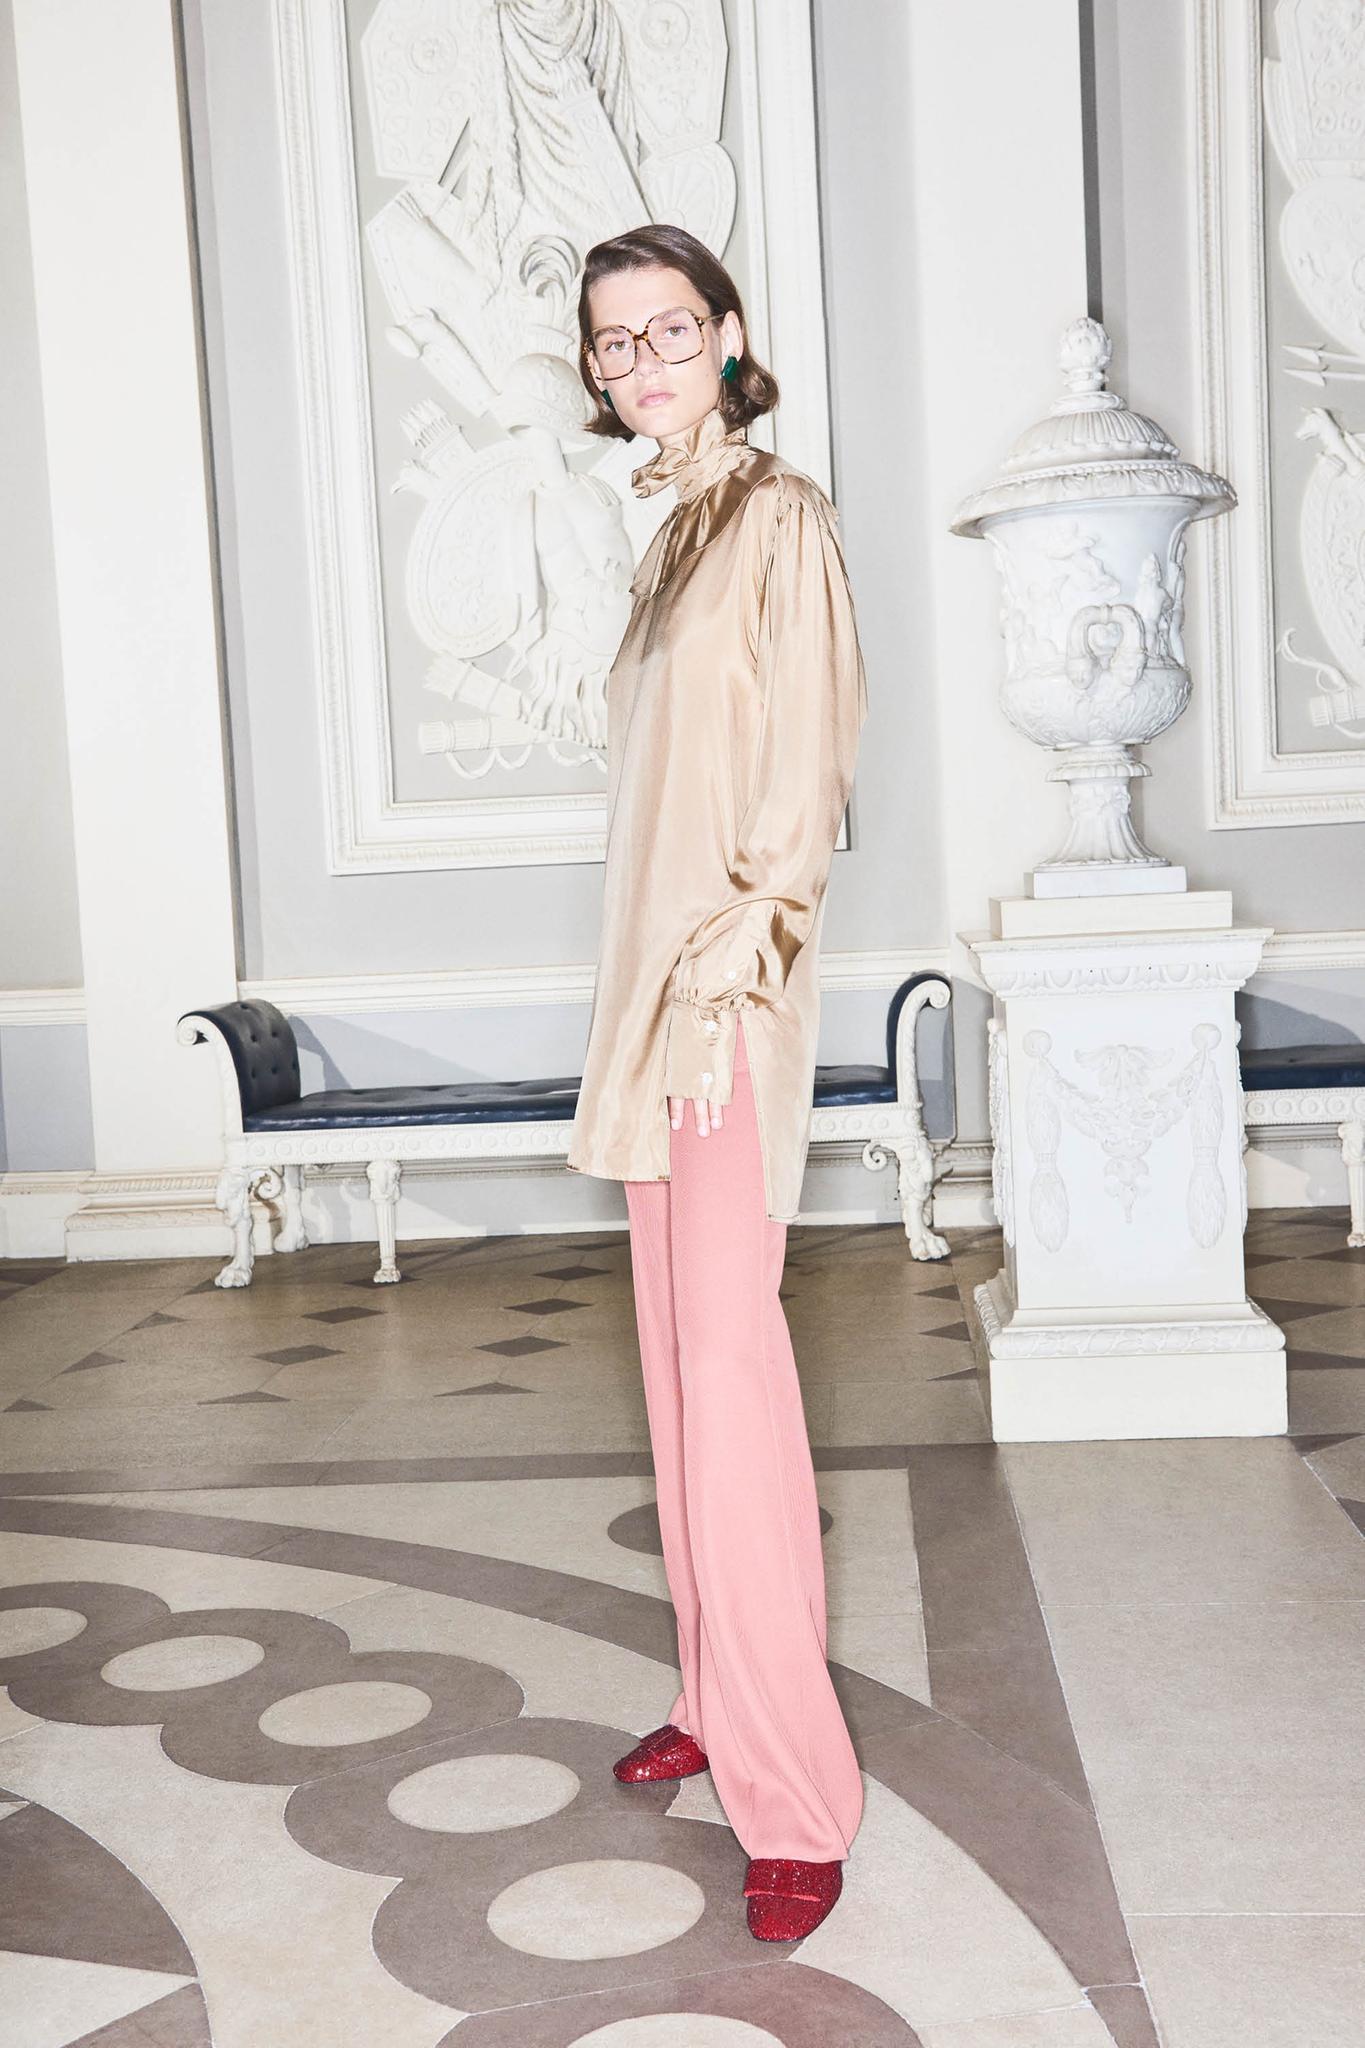 Nur Haut und Knochen: Das angesagte Model Giedre Dukauskaite wirkt in Victoria Beckhams Werbekampagne extrem schmal